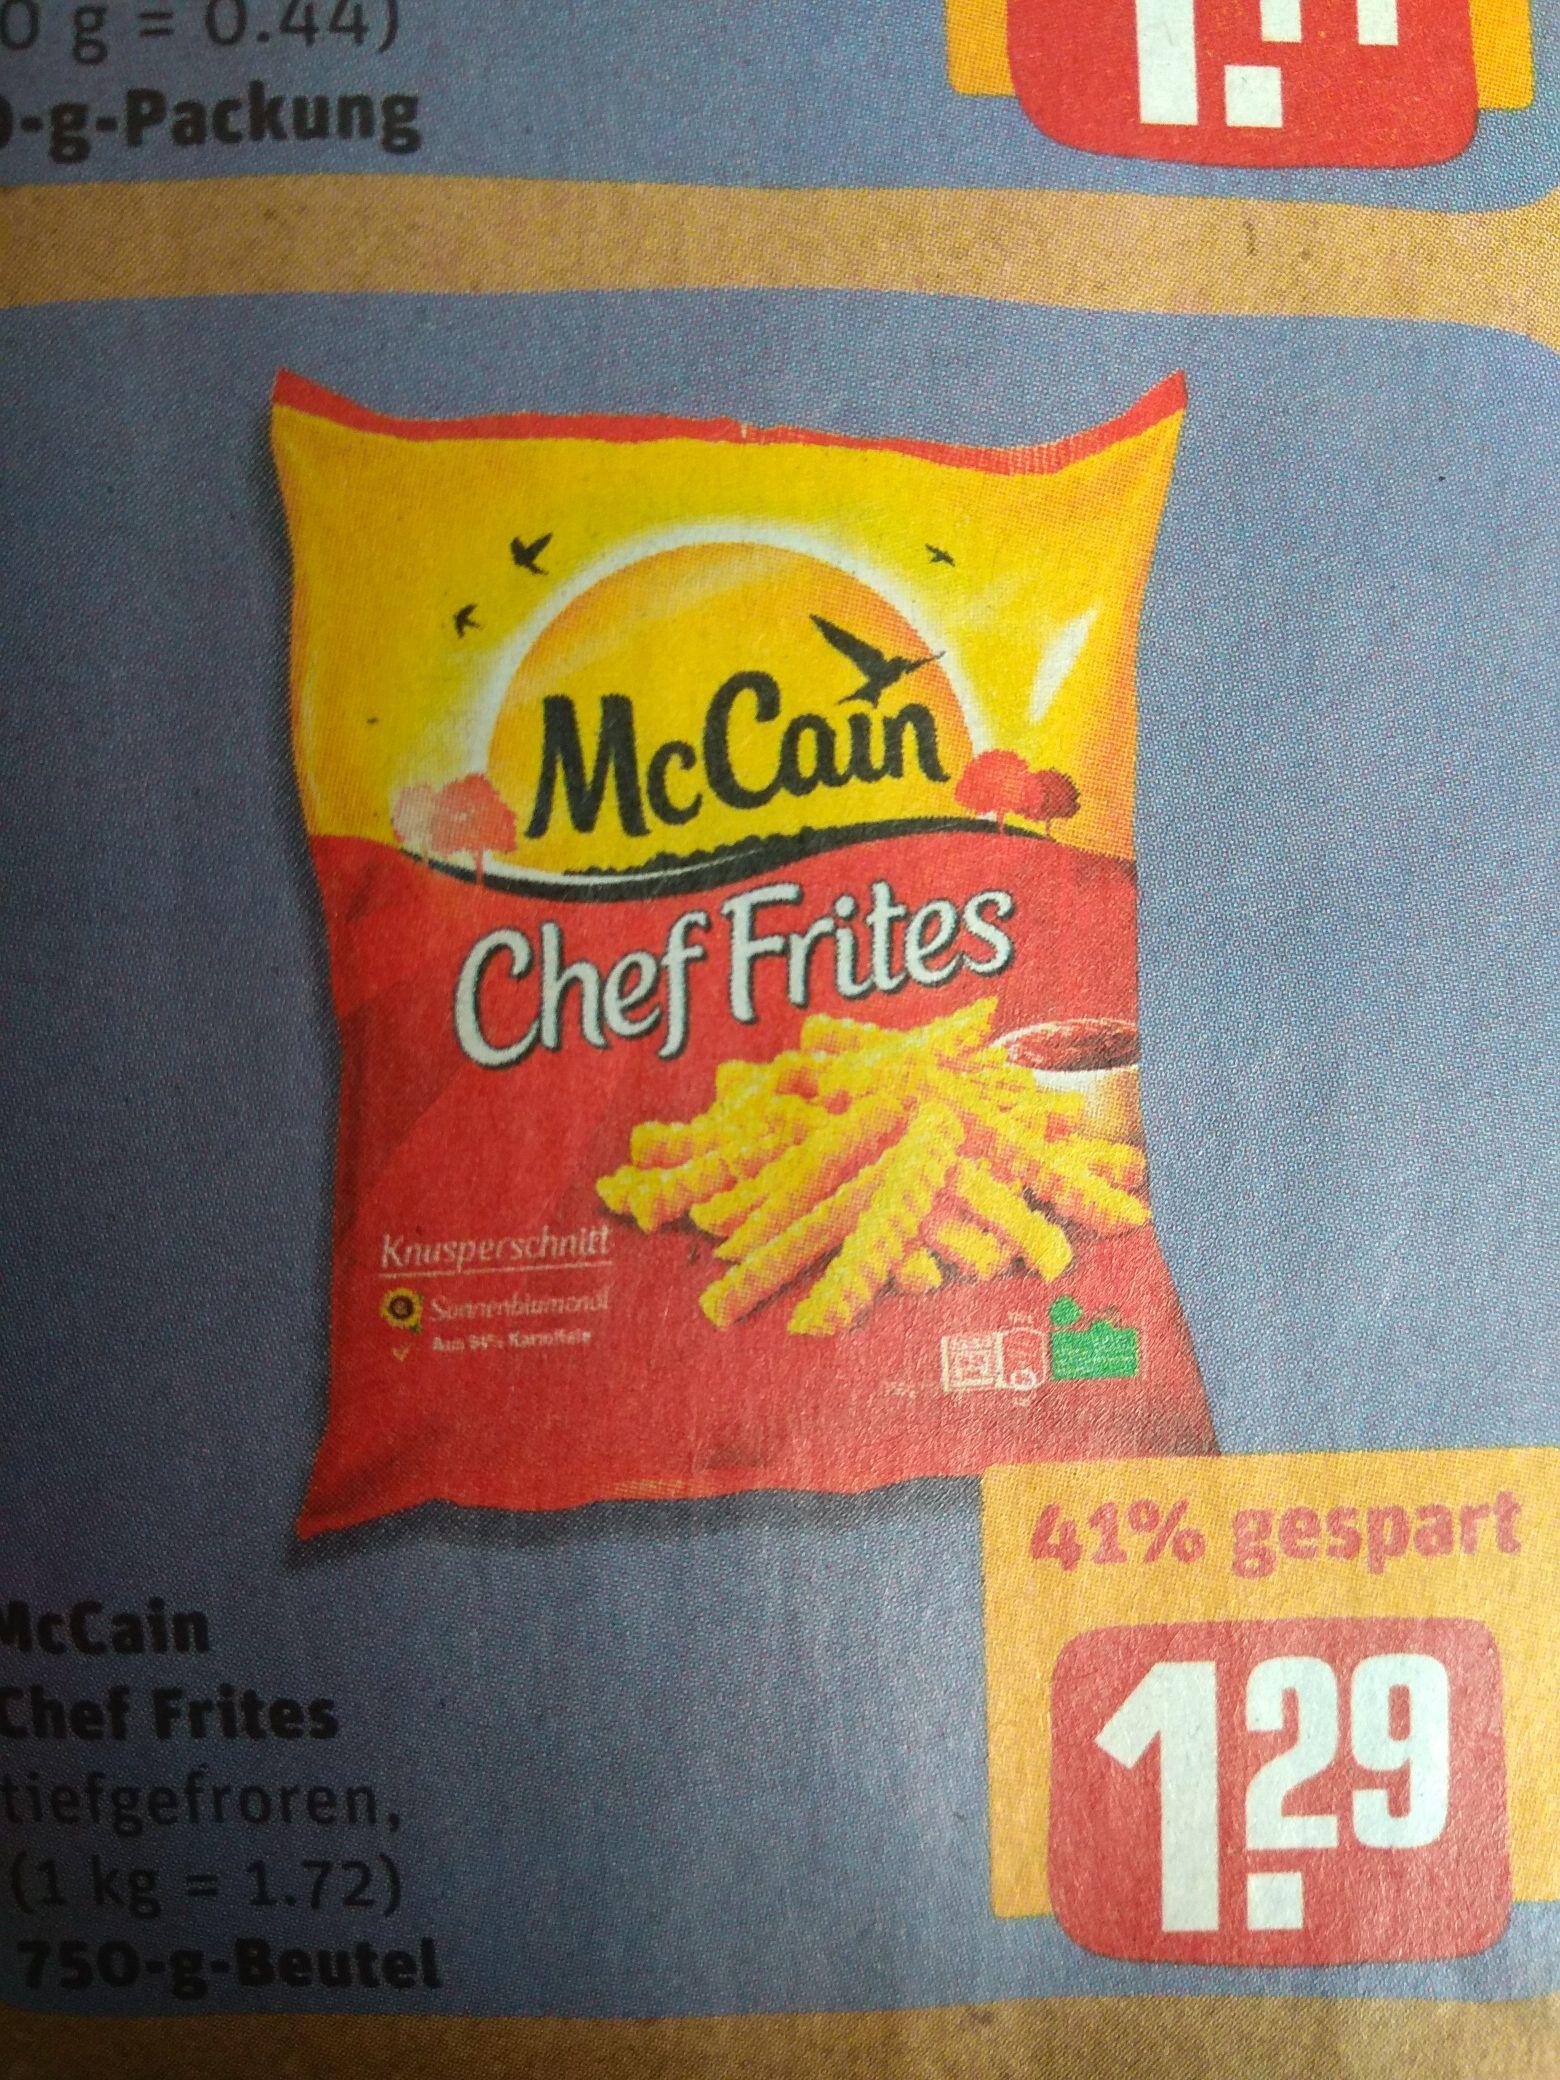 McCain Chef Frites @Rewe für 1,29€ - 41% Ersparnis.